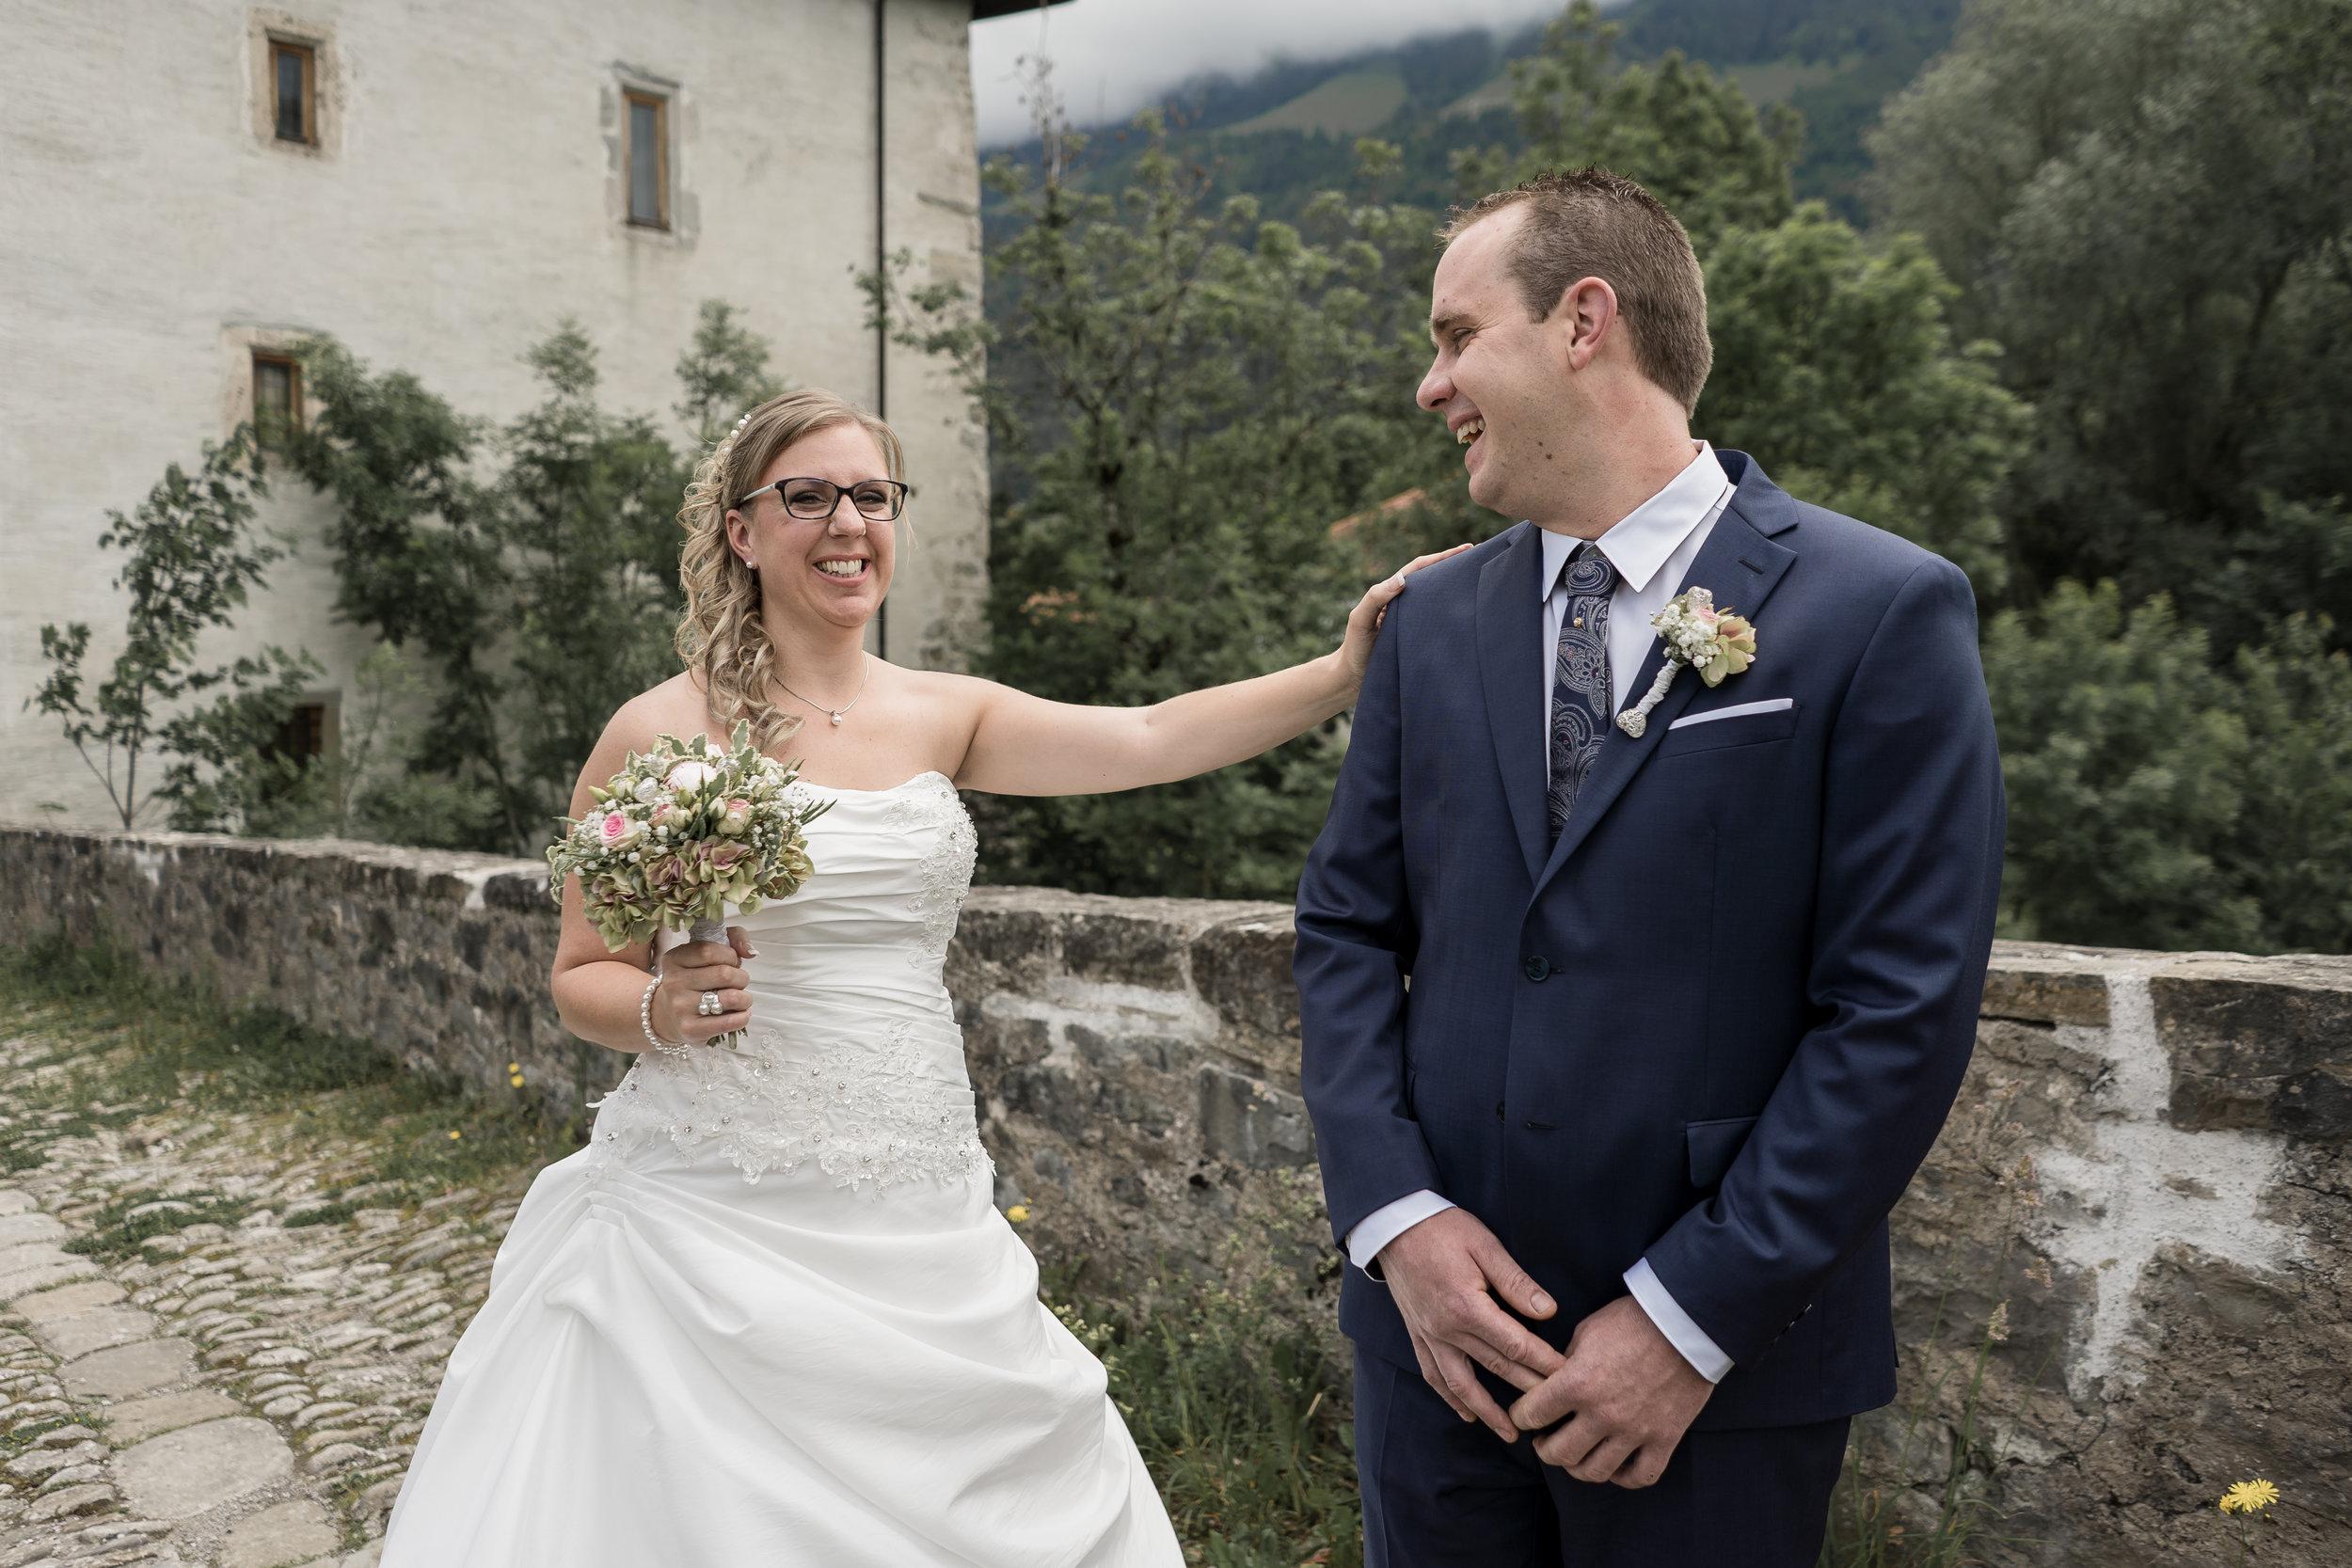 I&C - «Quelques mots pour te remercier de ton excellent travail lors de notre mariage en juin! Nous avons eu beaucoup de plaisir à collaborer avec toi. Durant cette magnifique journée, tu as été géniale, tu as bien réussi à nous mettre à l'aise face à l'objectif. Le plus important est le résultat des photos qui est super, un travail de pro! Quel plaisir d'avoir reçu cette jolie boîte avec les belles photos à l'intérieur!»